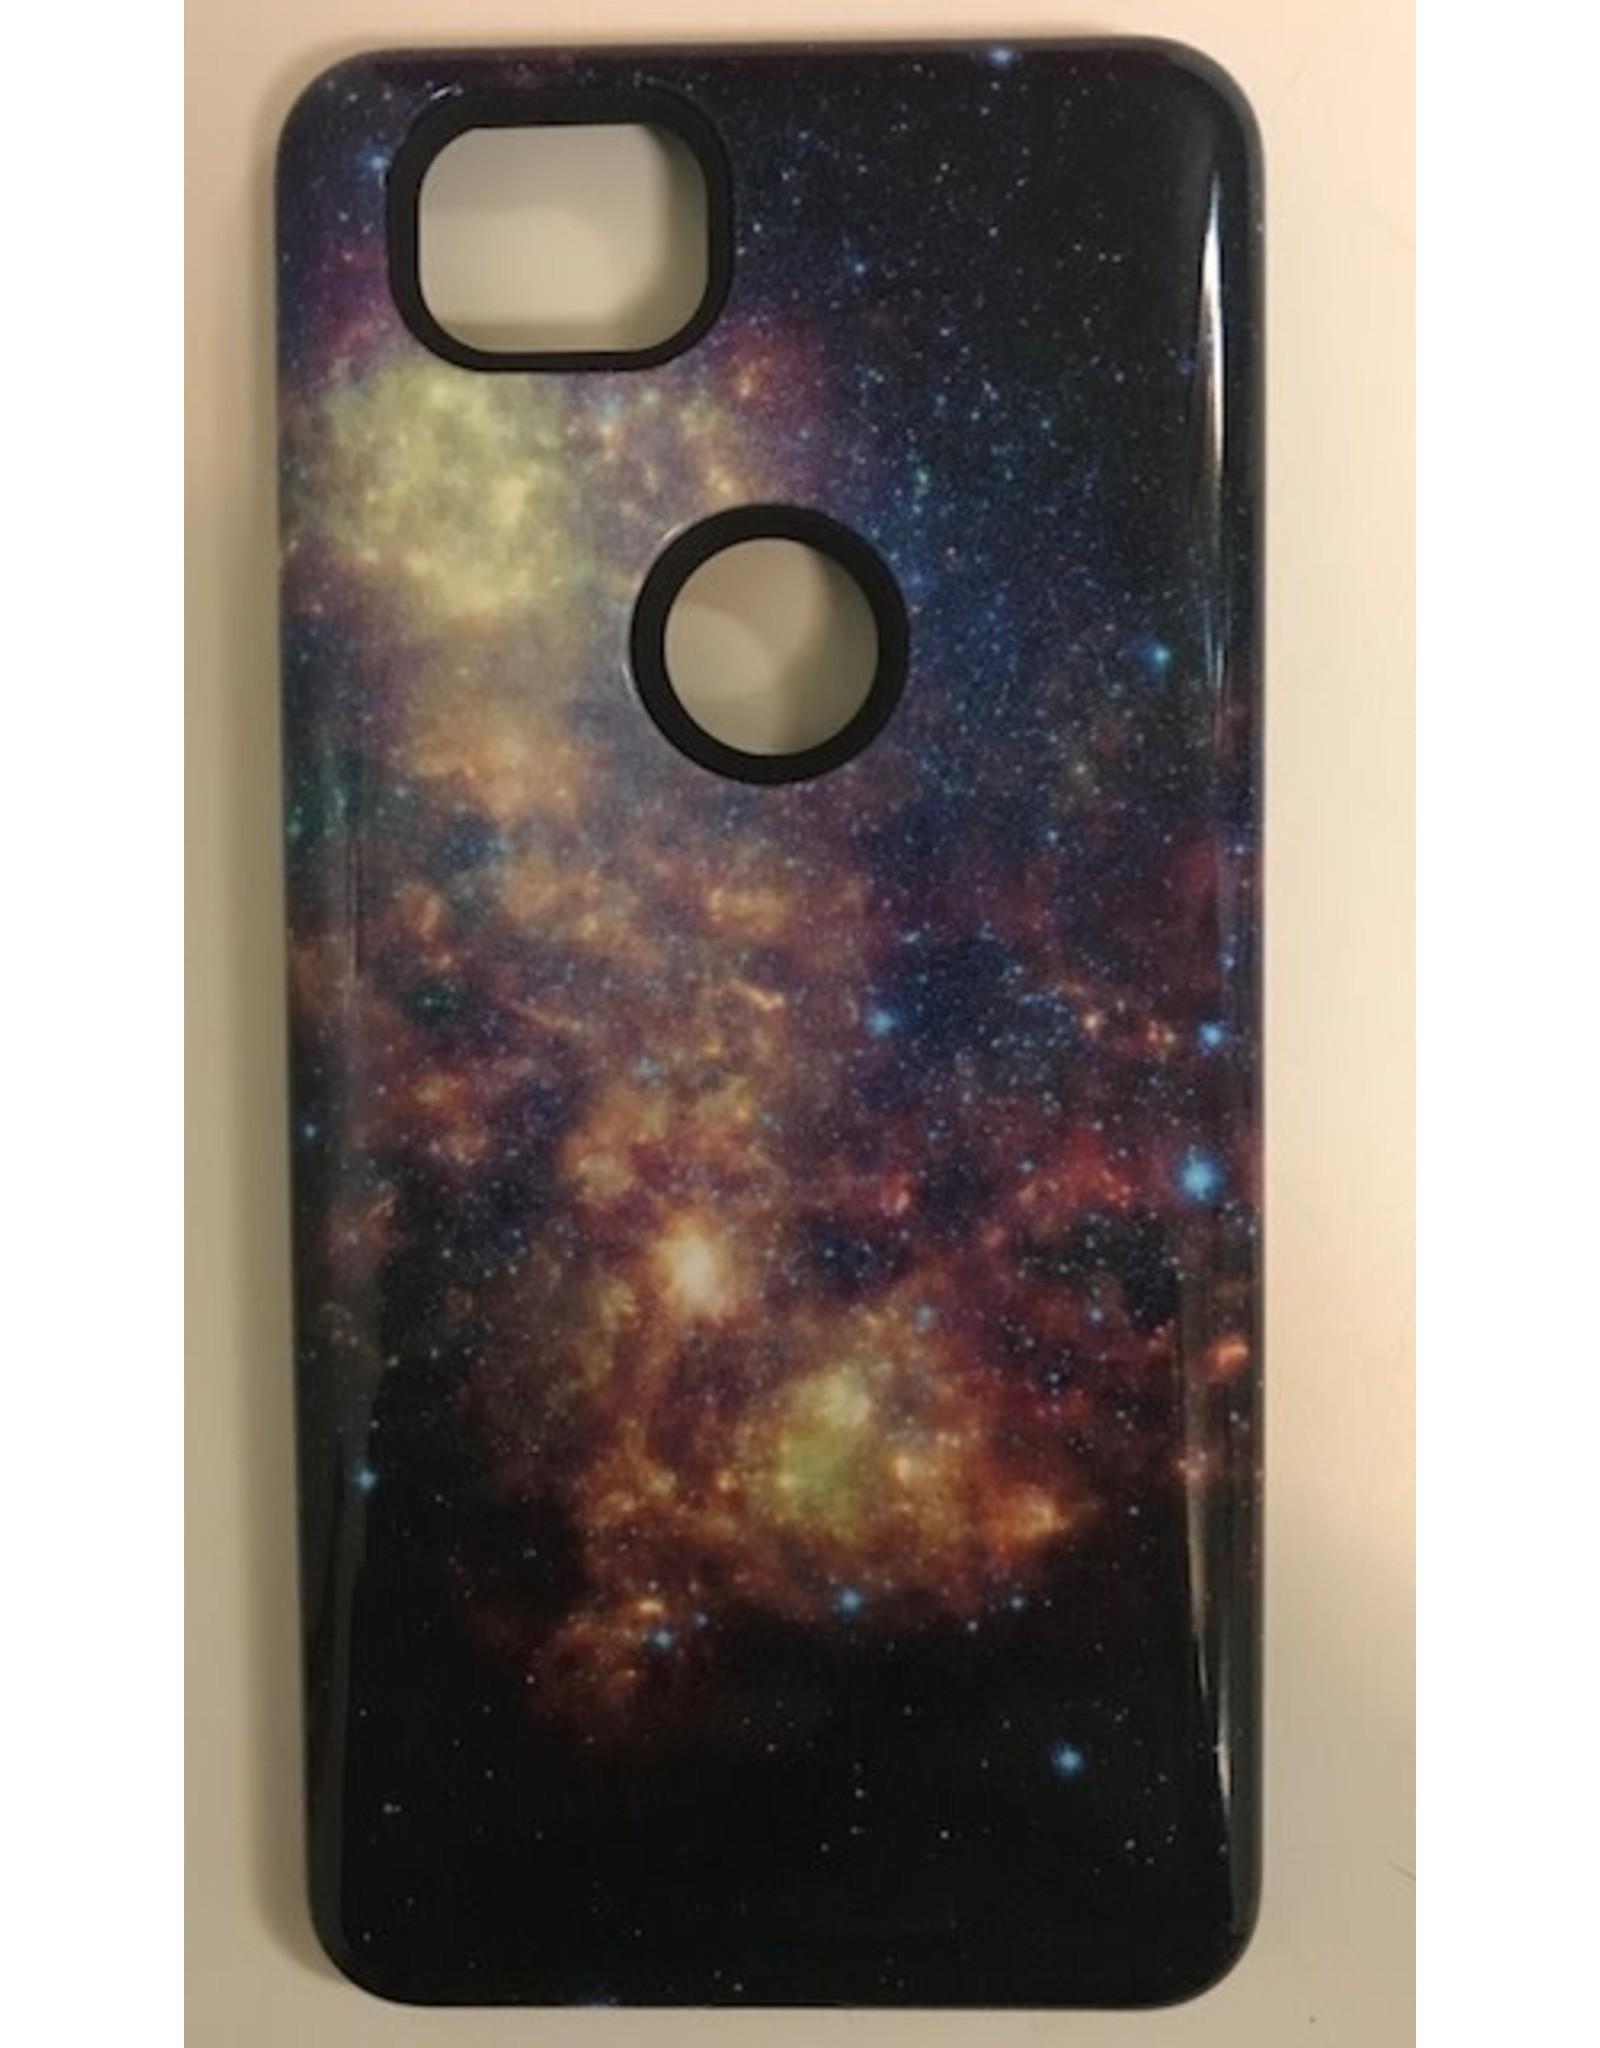 Kaseme Kaseme - étui cellulaire iPhone-google galaxy